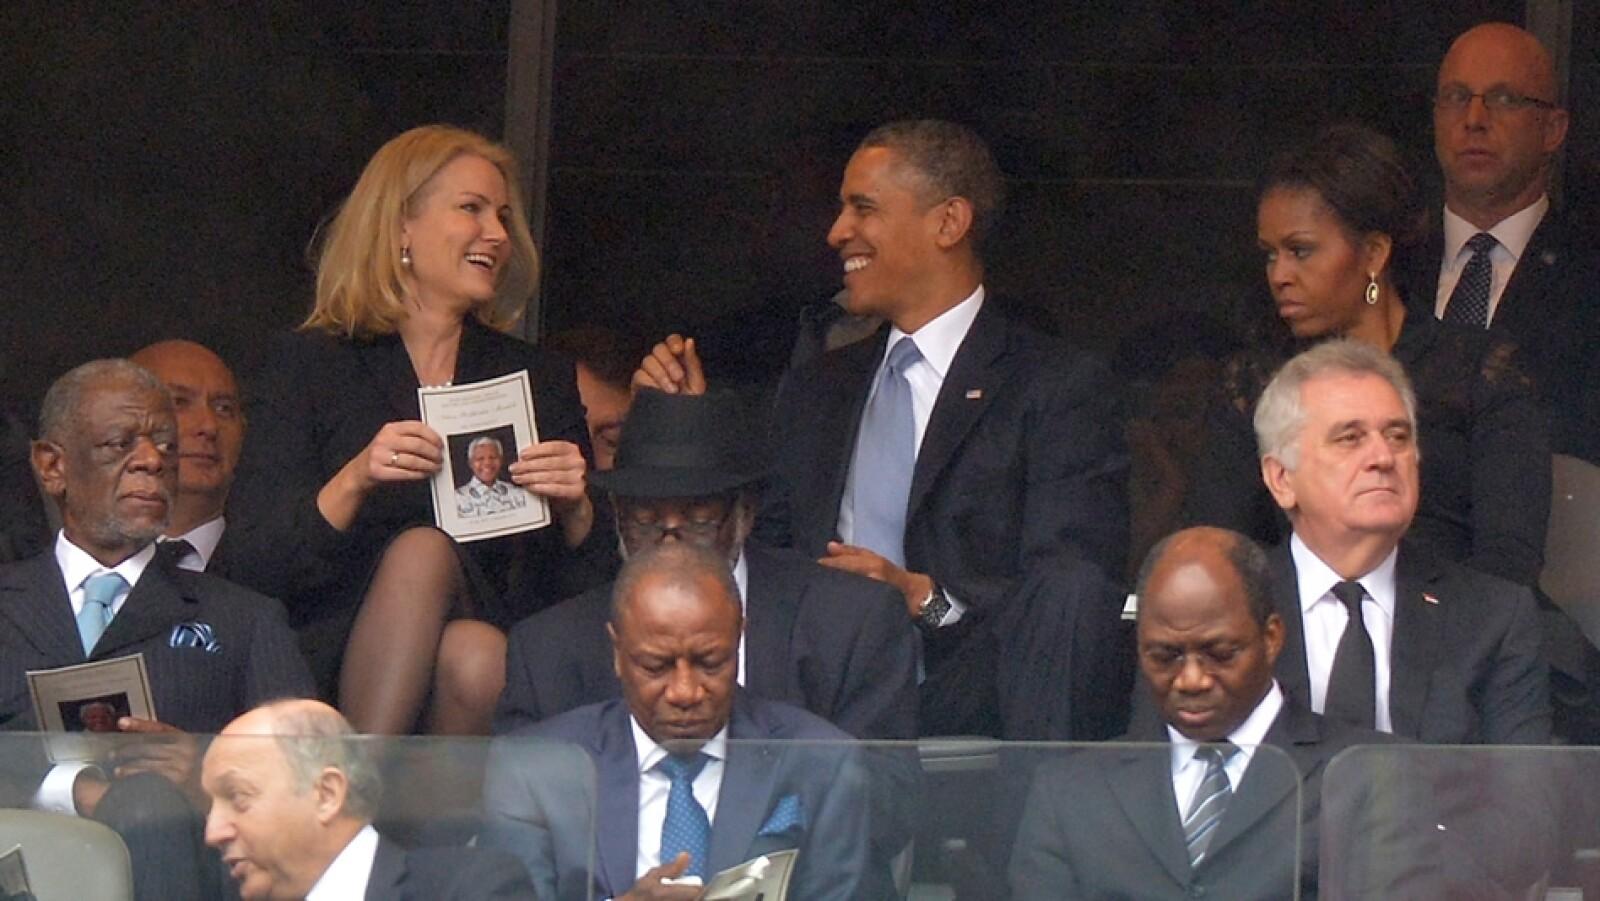 Barck Obama David Cameron Helle Thorning-Schmidt